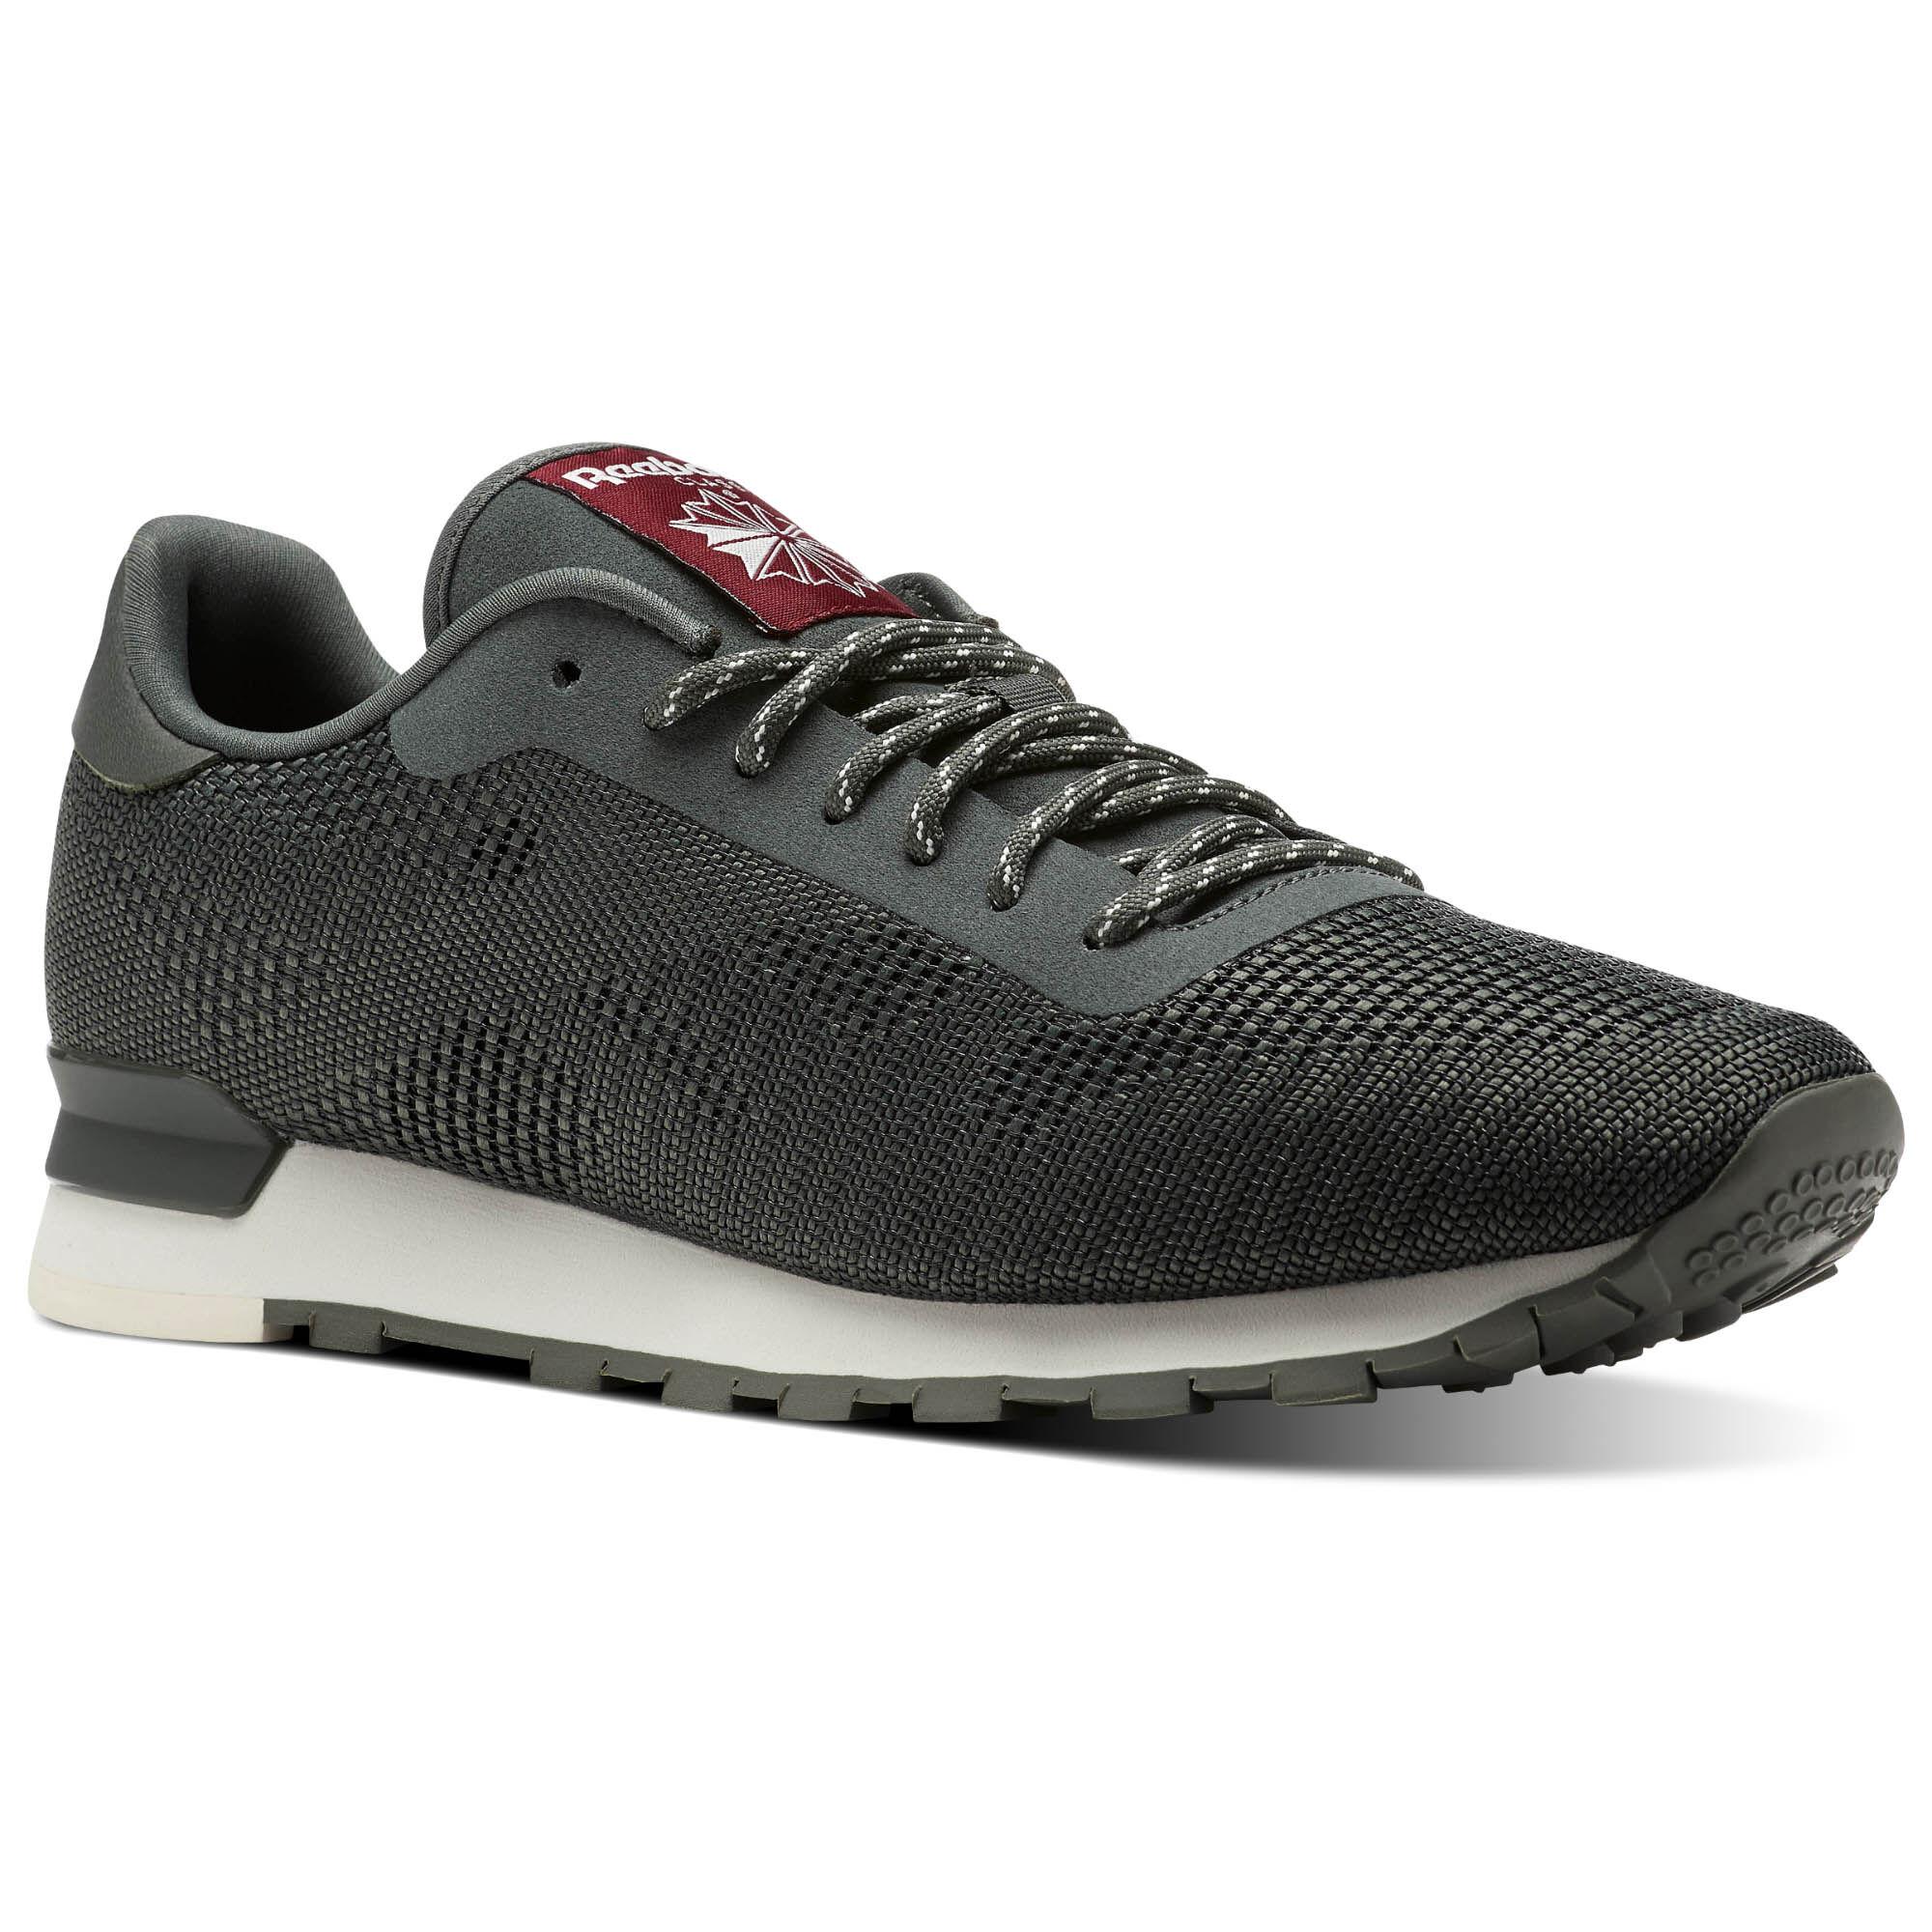 Outlet Kaufen FLEXWEAVE - Sneaker low - ironstone/chlak/classic white Kaufen Günstig Online 100% Original Verkauf Footlocker Komfortabel Günstiger Preis ZirbuOnQ